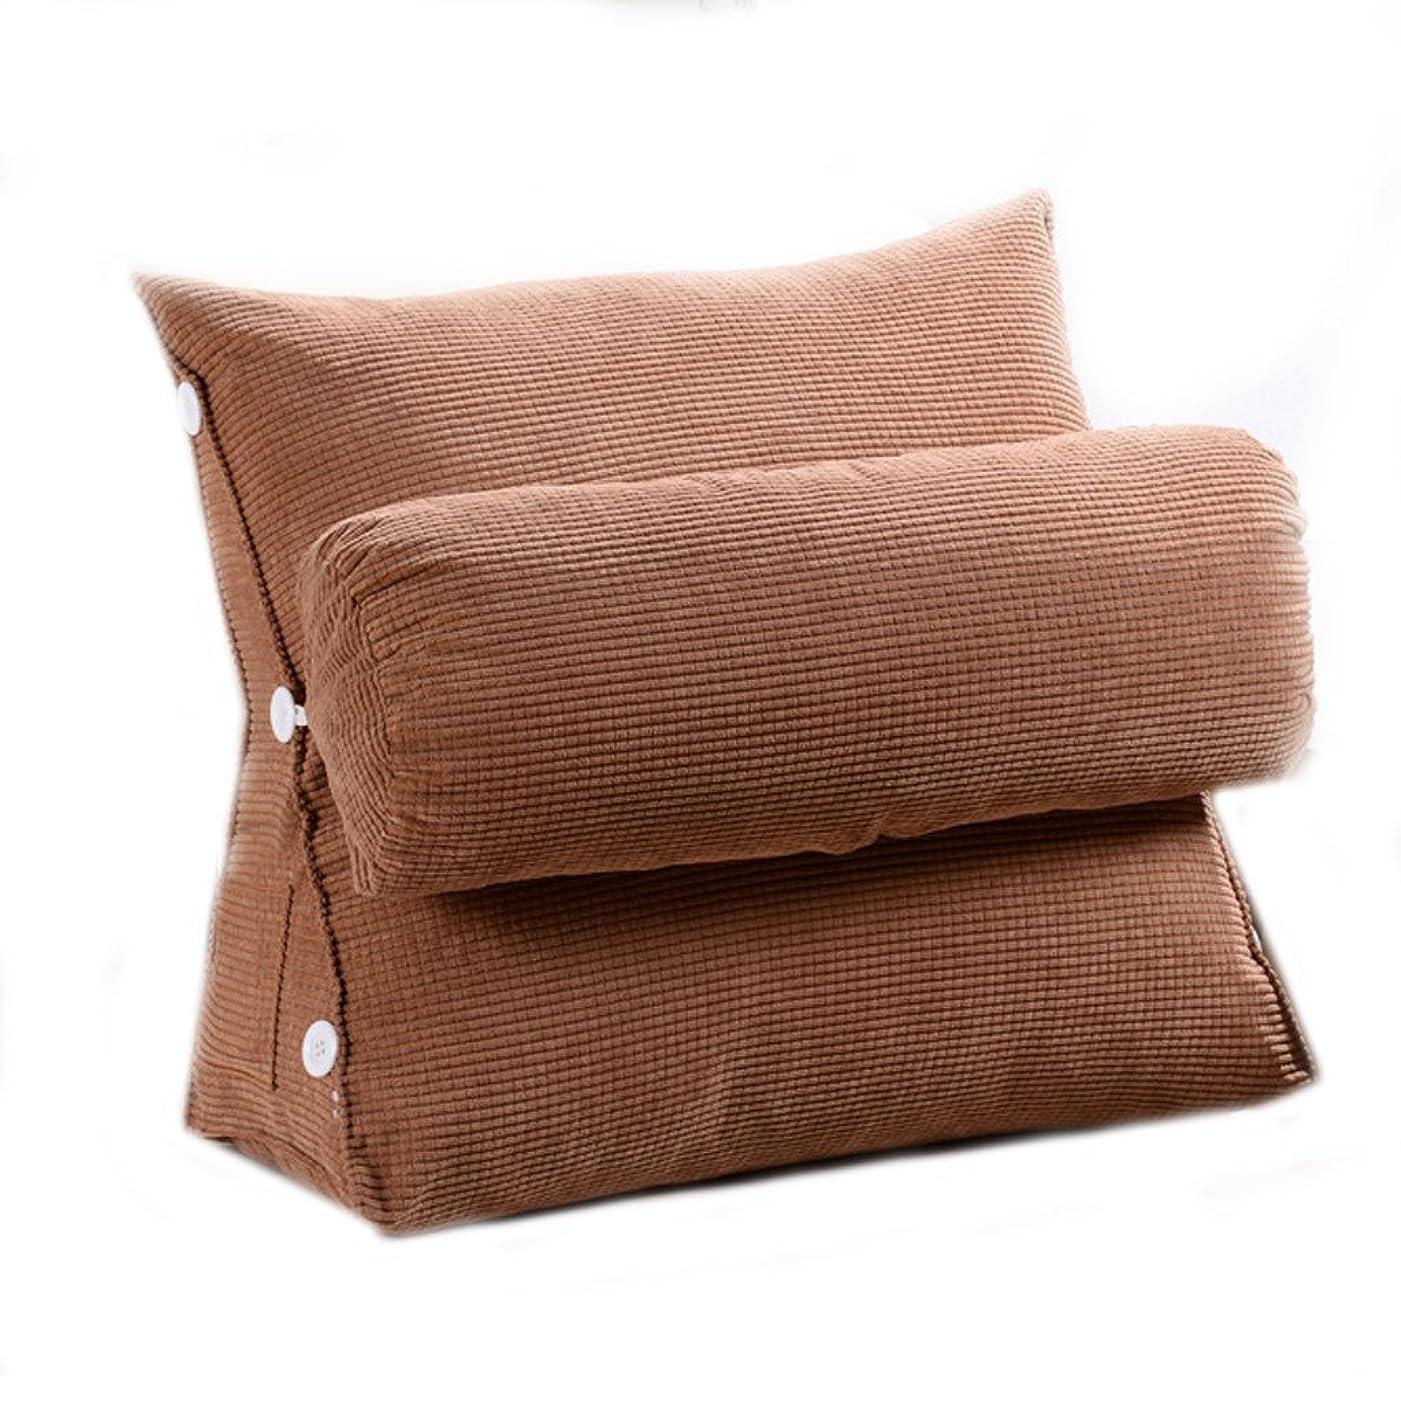 抑圧するコンサート盆地ソファクッション枕三角クッションベッドクッションバックパッドベッド枕 (色 : C, サイズ さいず : L l)